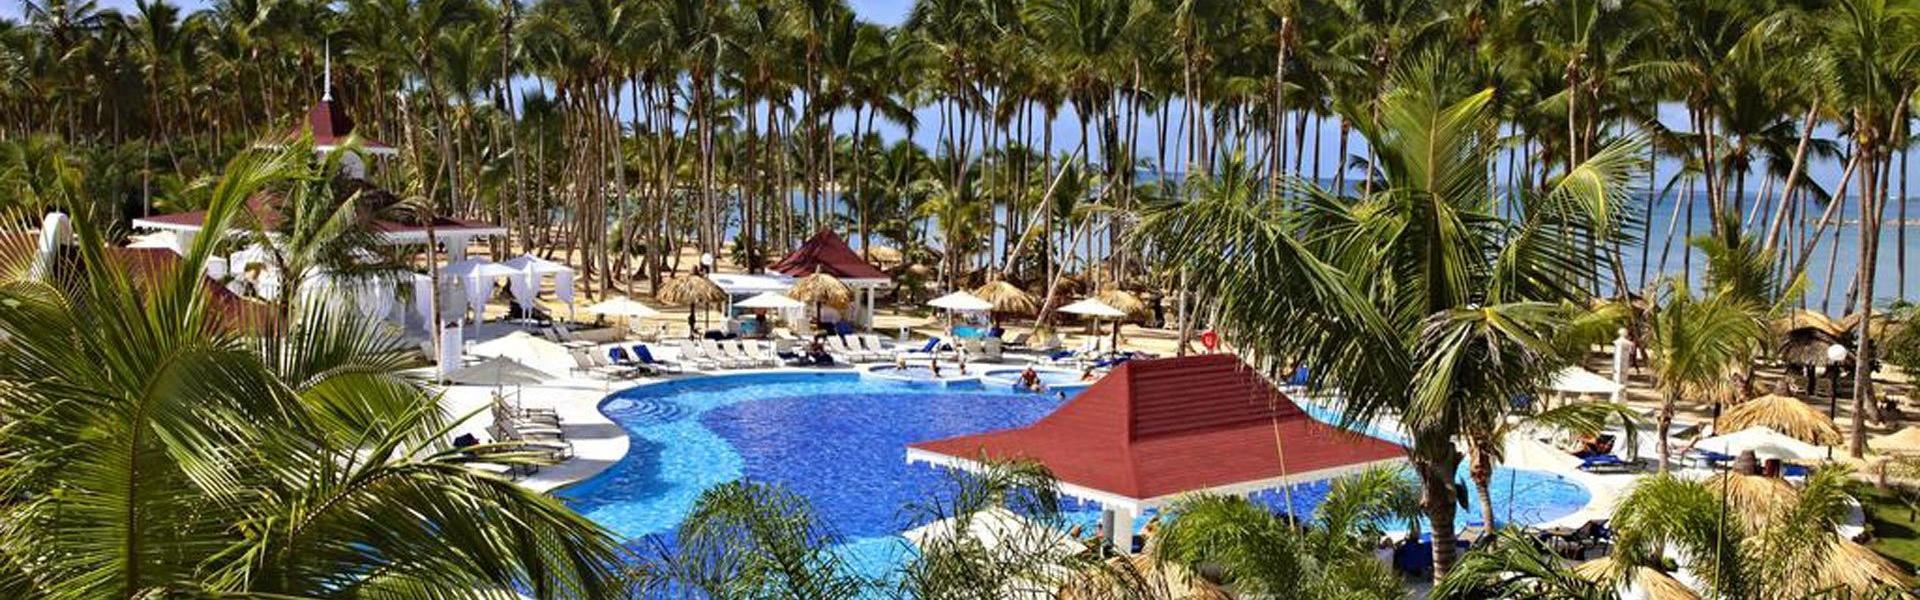 Bahia Principe Luxury Bouganville (Dominikai utazások)